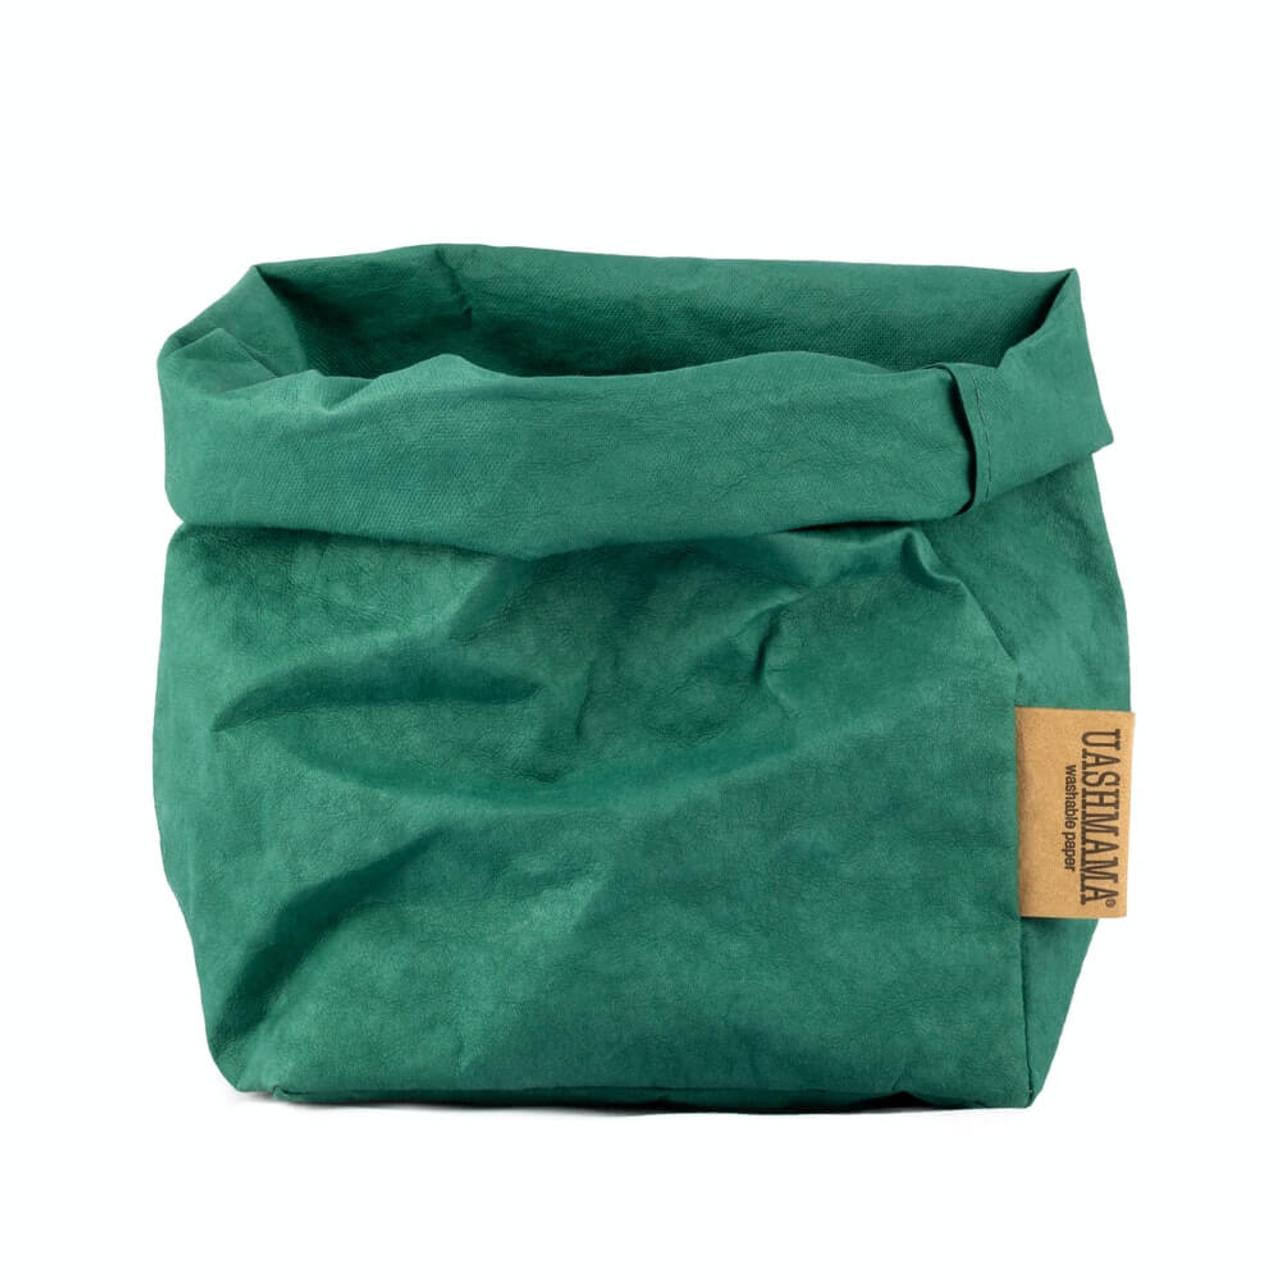 UASHMAMA medium organic paper bags smeraldo